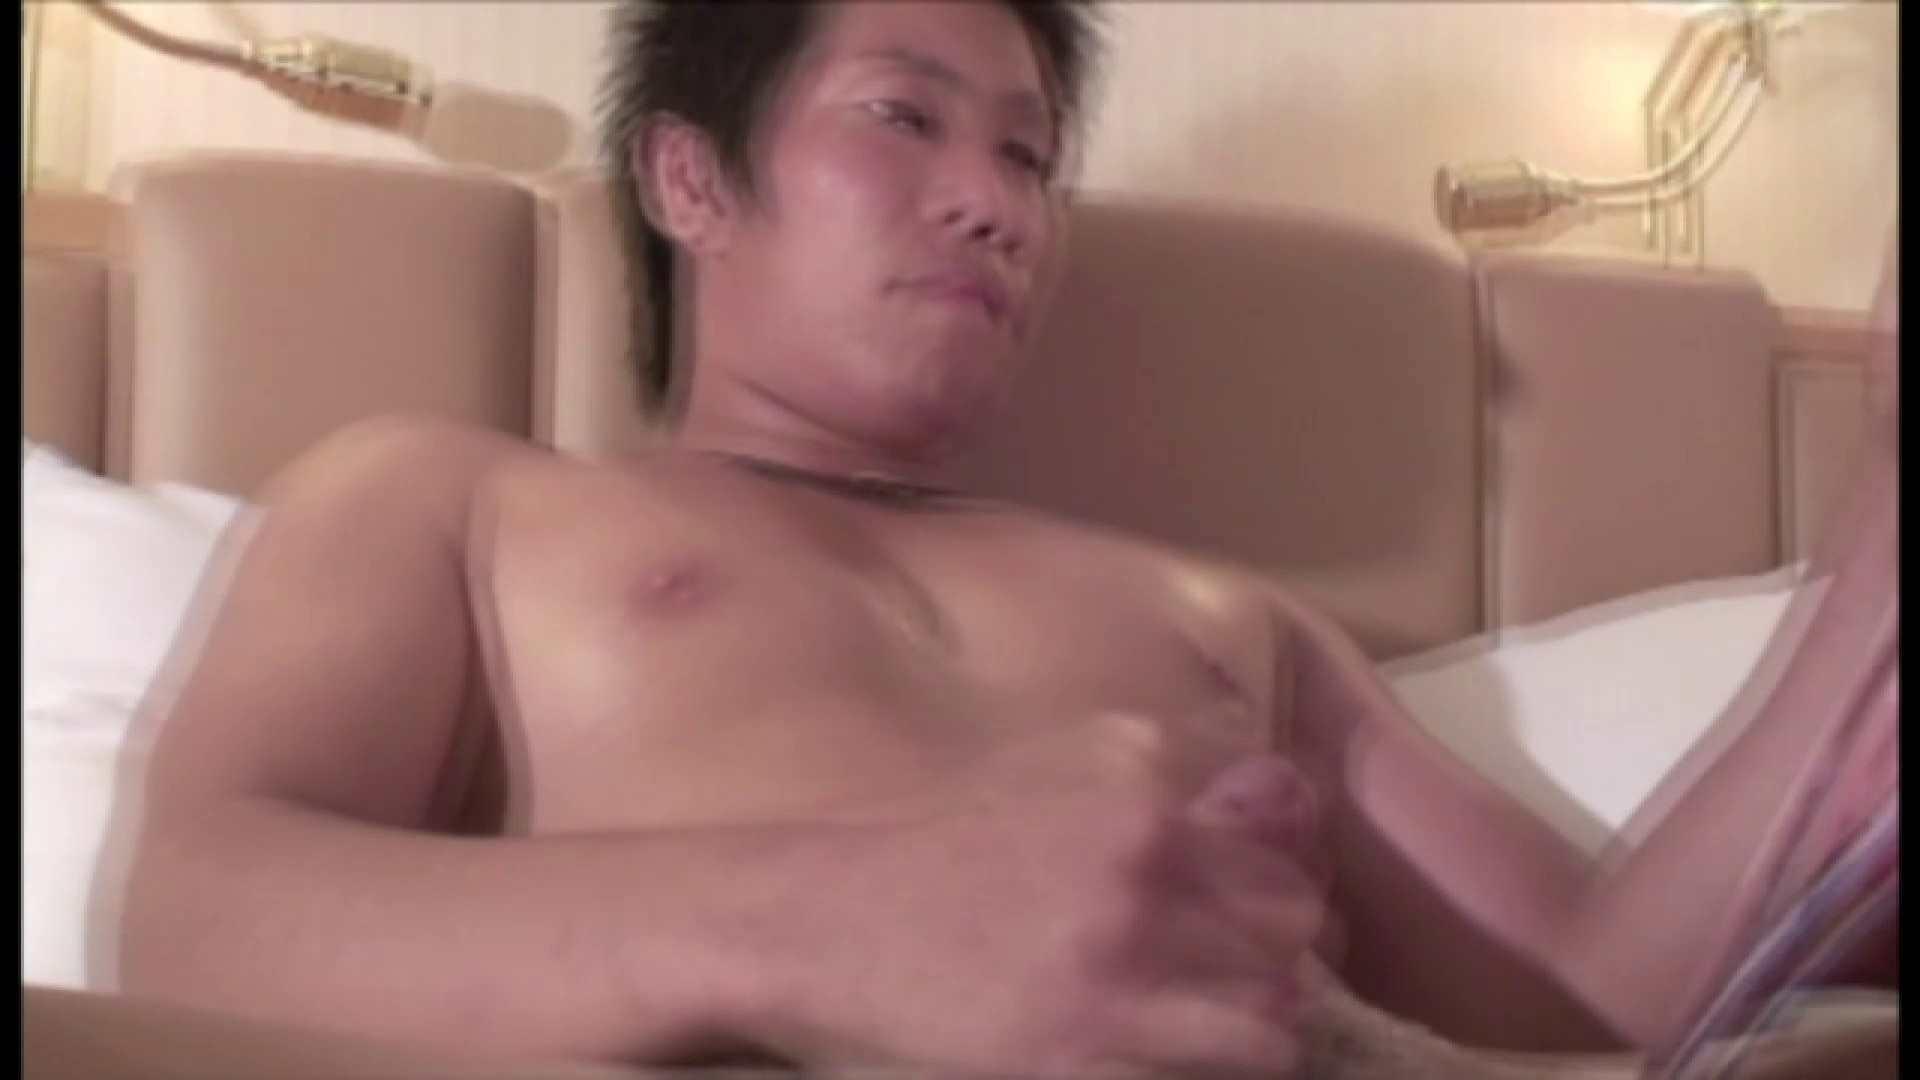 突然ですがしゃぶらせてください Vol.2  エロエロ | モザイク無し ゲイセックス画像 71pic 7